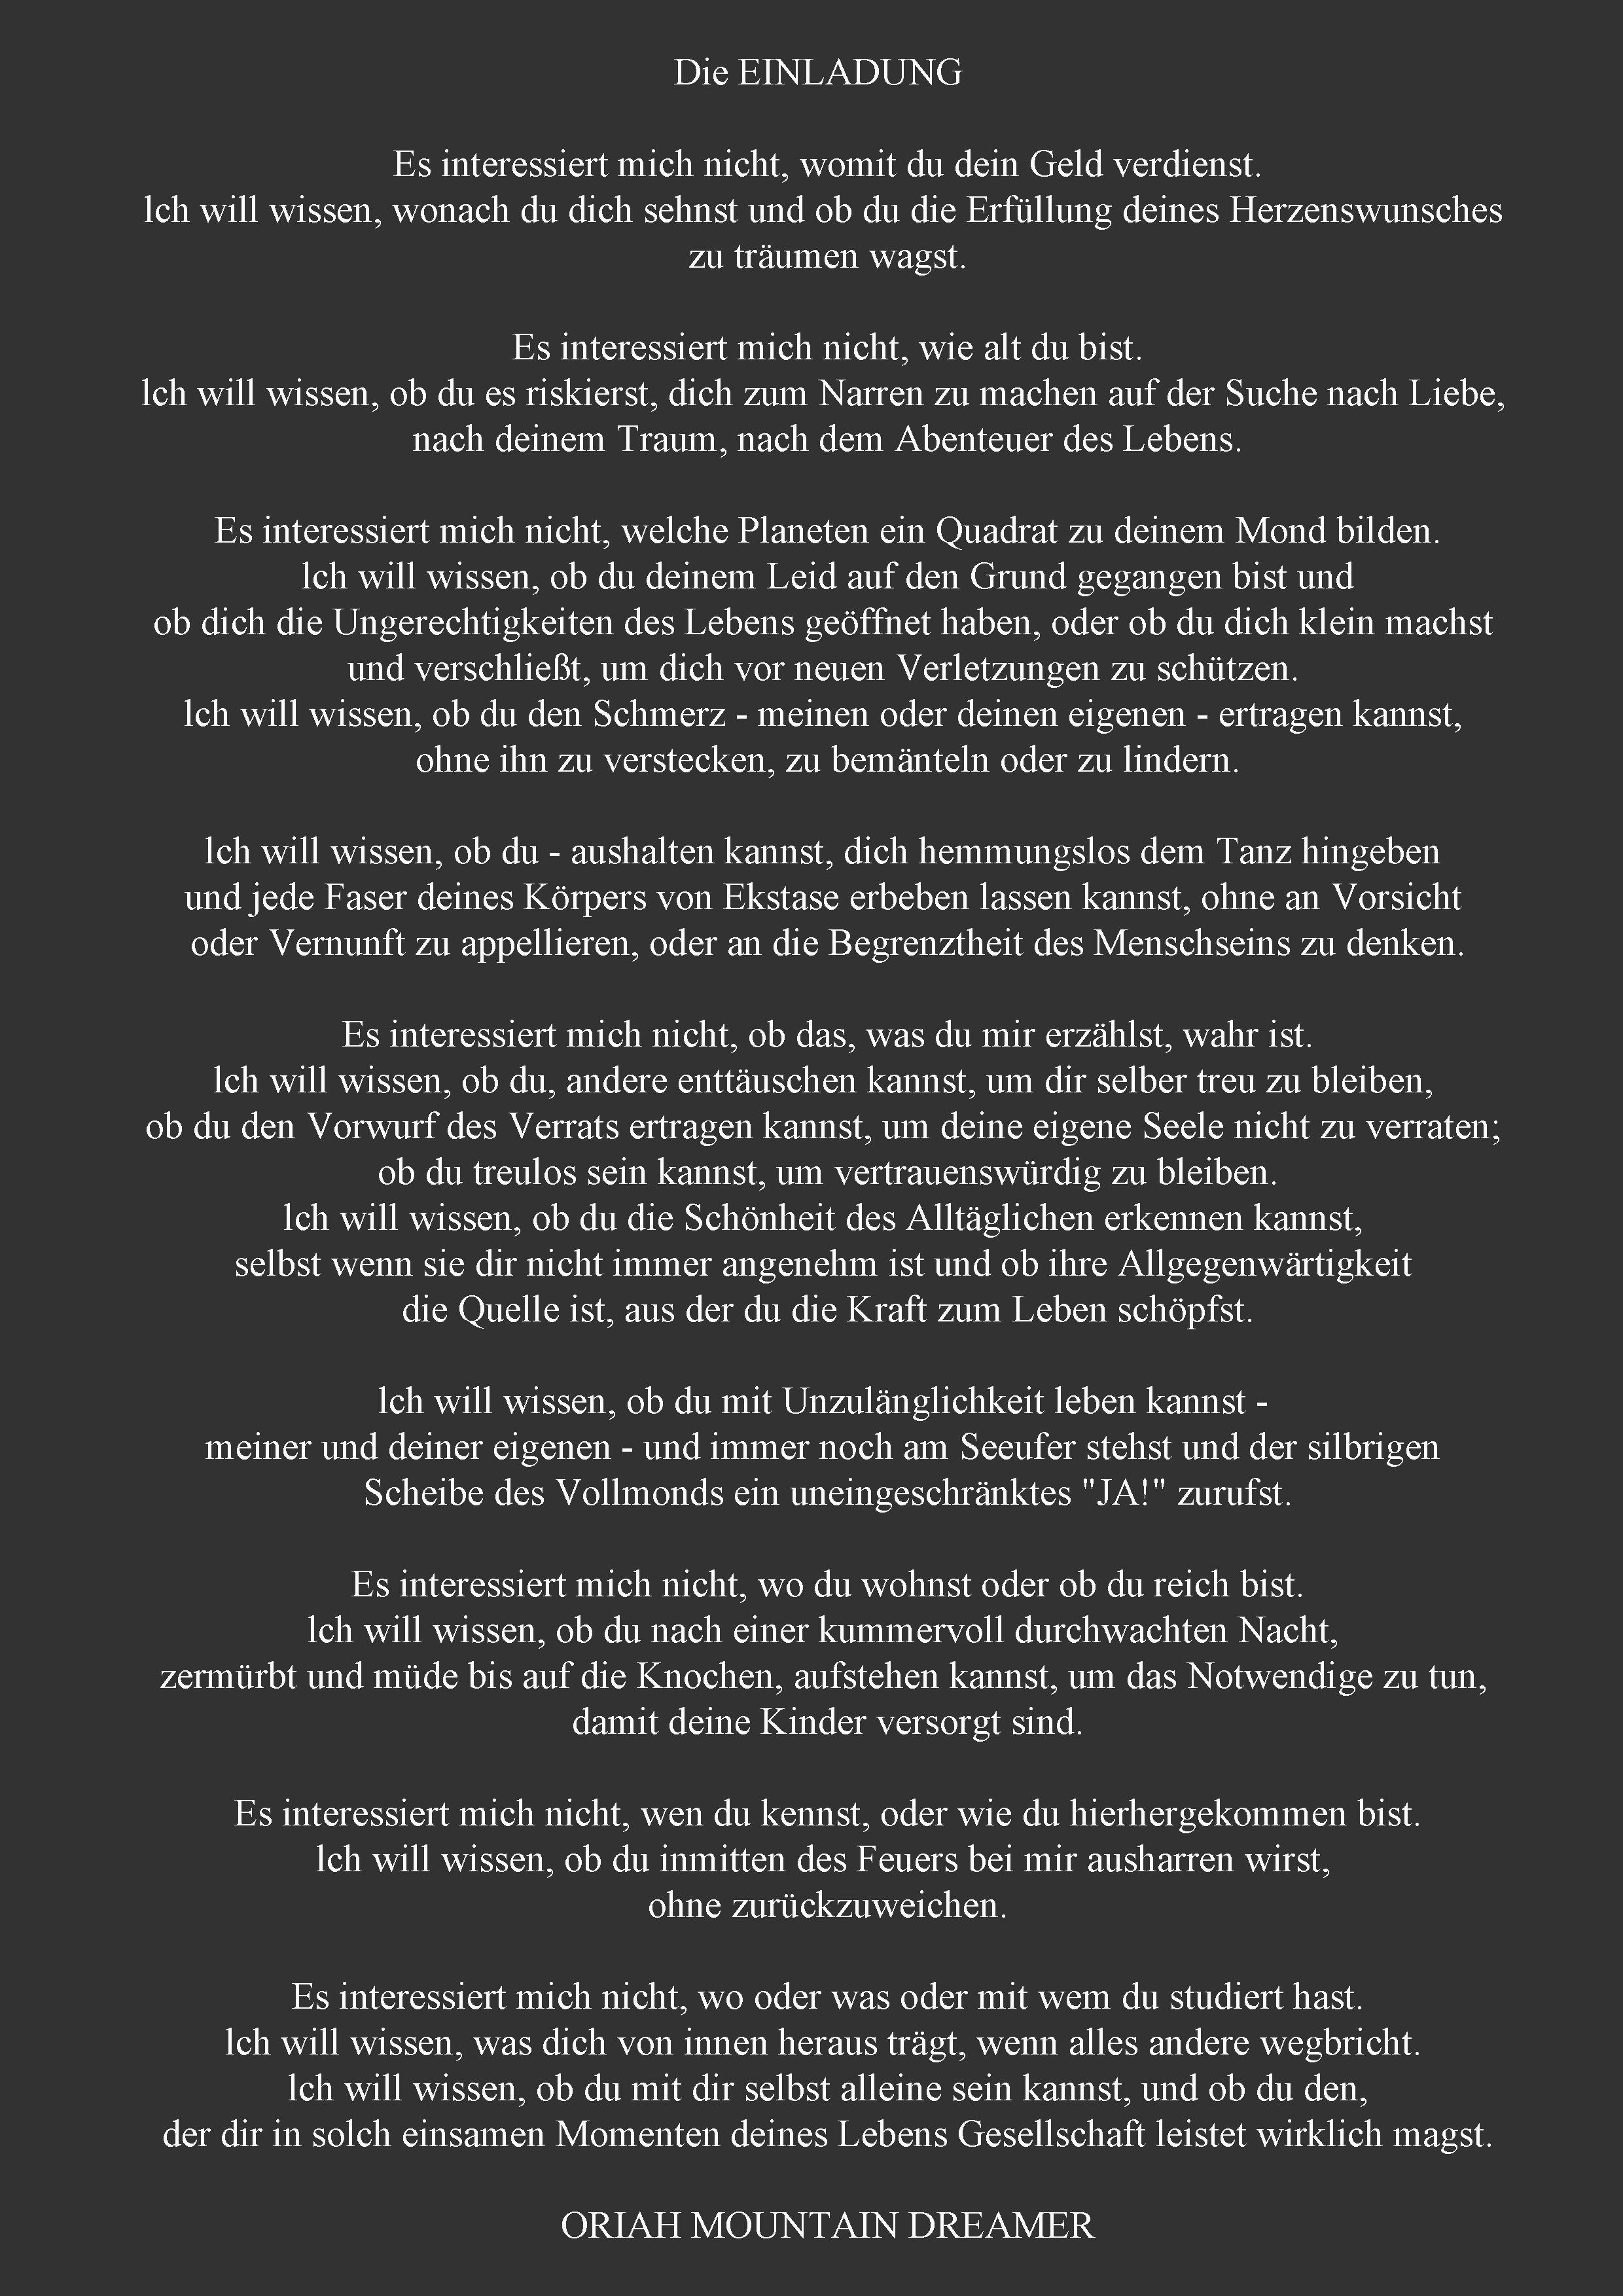 die einladung - oriah mountain dreamer | words (german) | pinterest, Einladungen